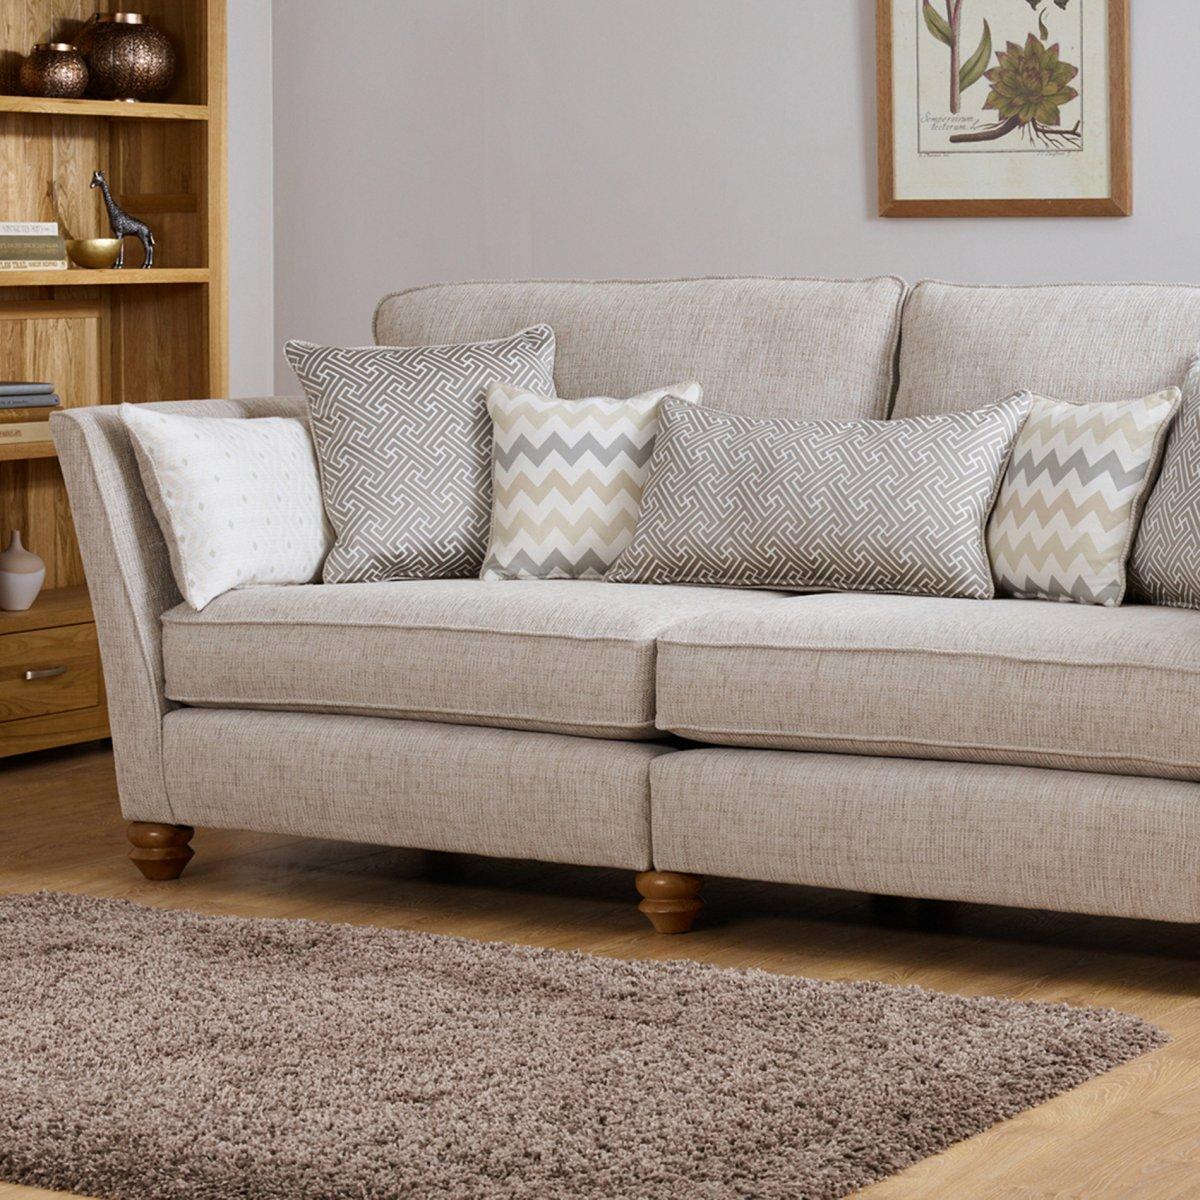 Gainsborough 3 seater sofa in beige oak furniture land for Furniture land